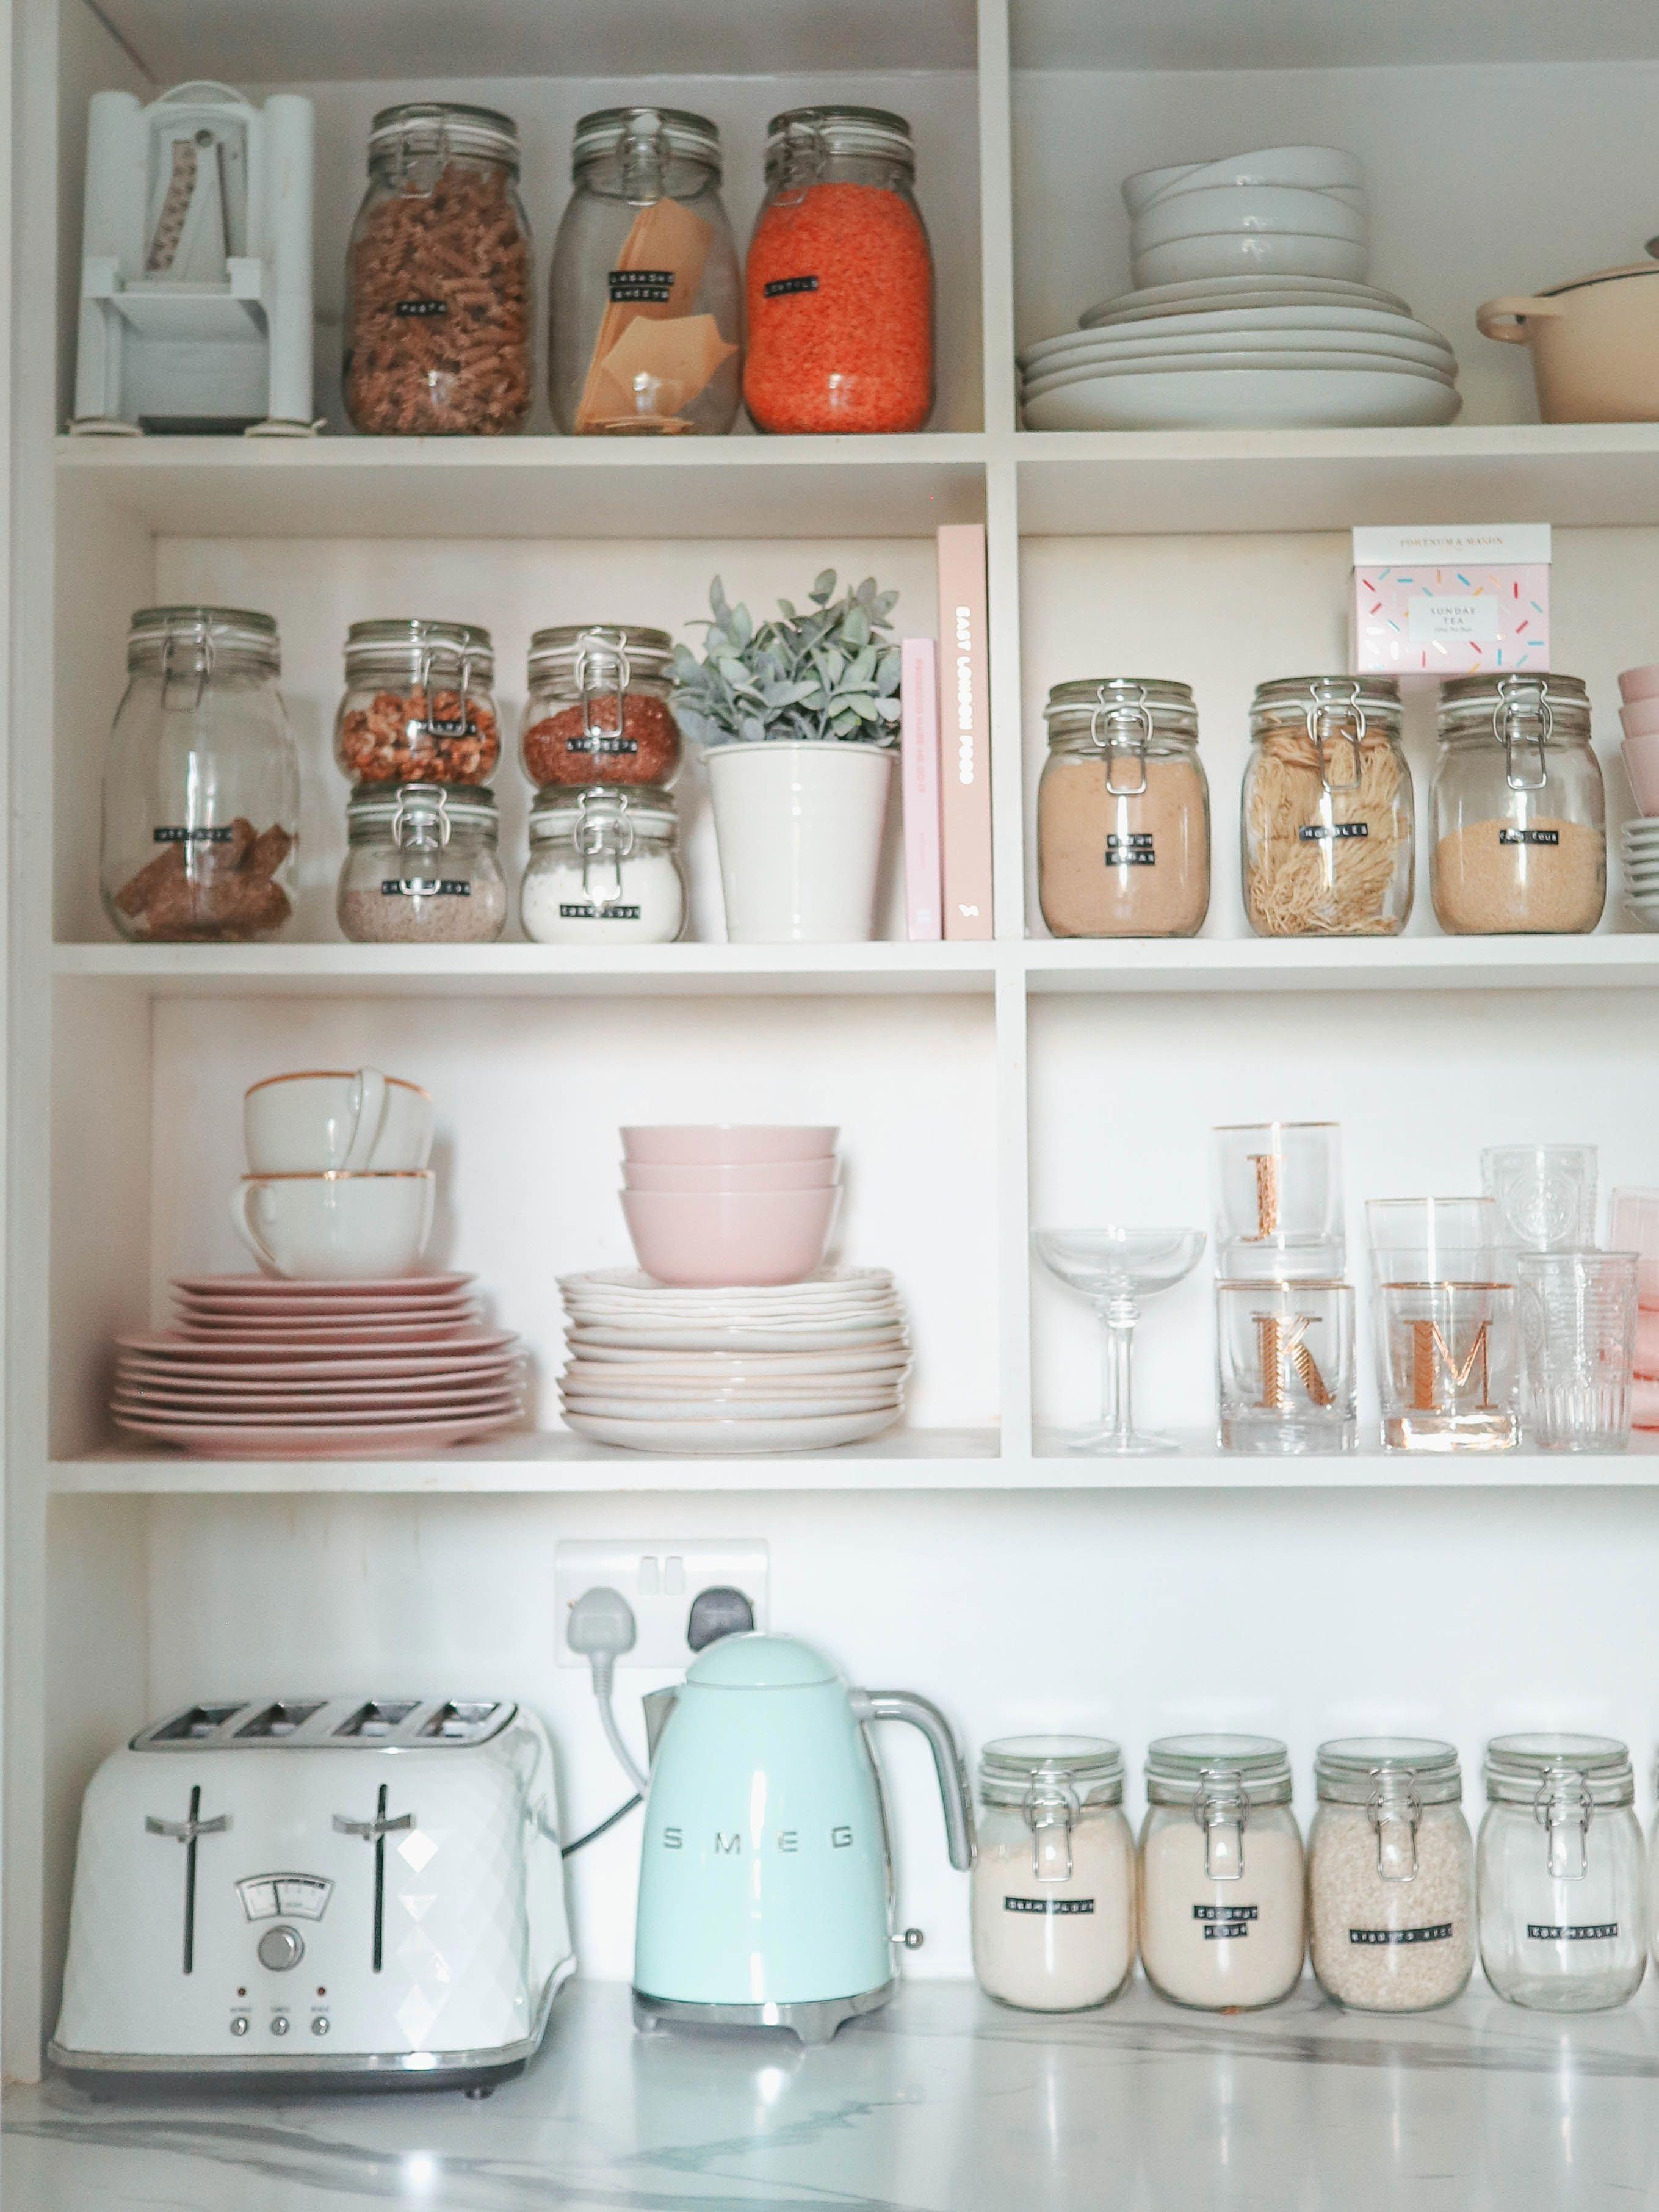 Our Kitchen Renovation. - KATE LA VIE #Homedecorapartment